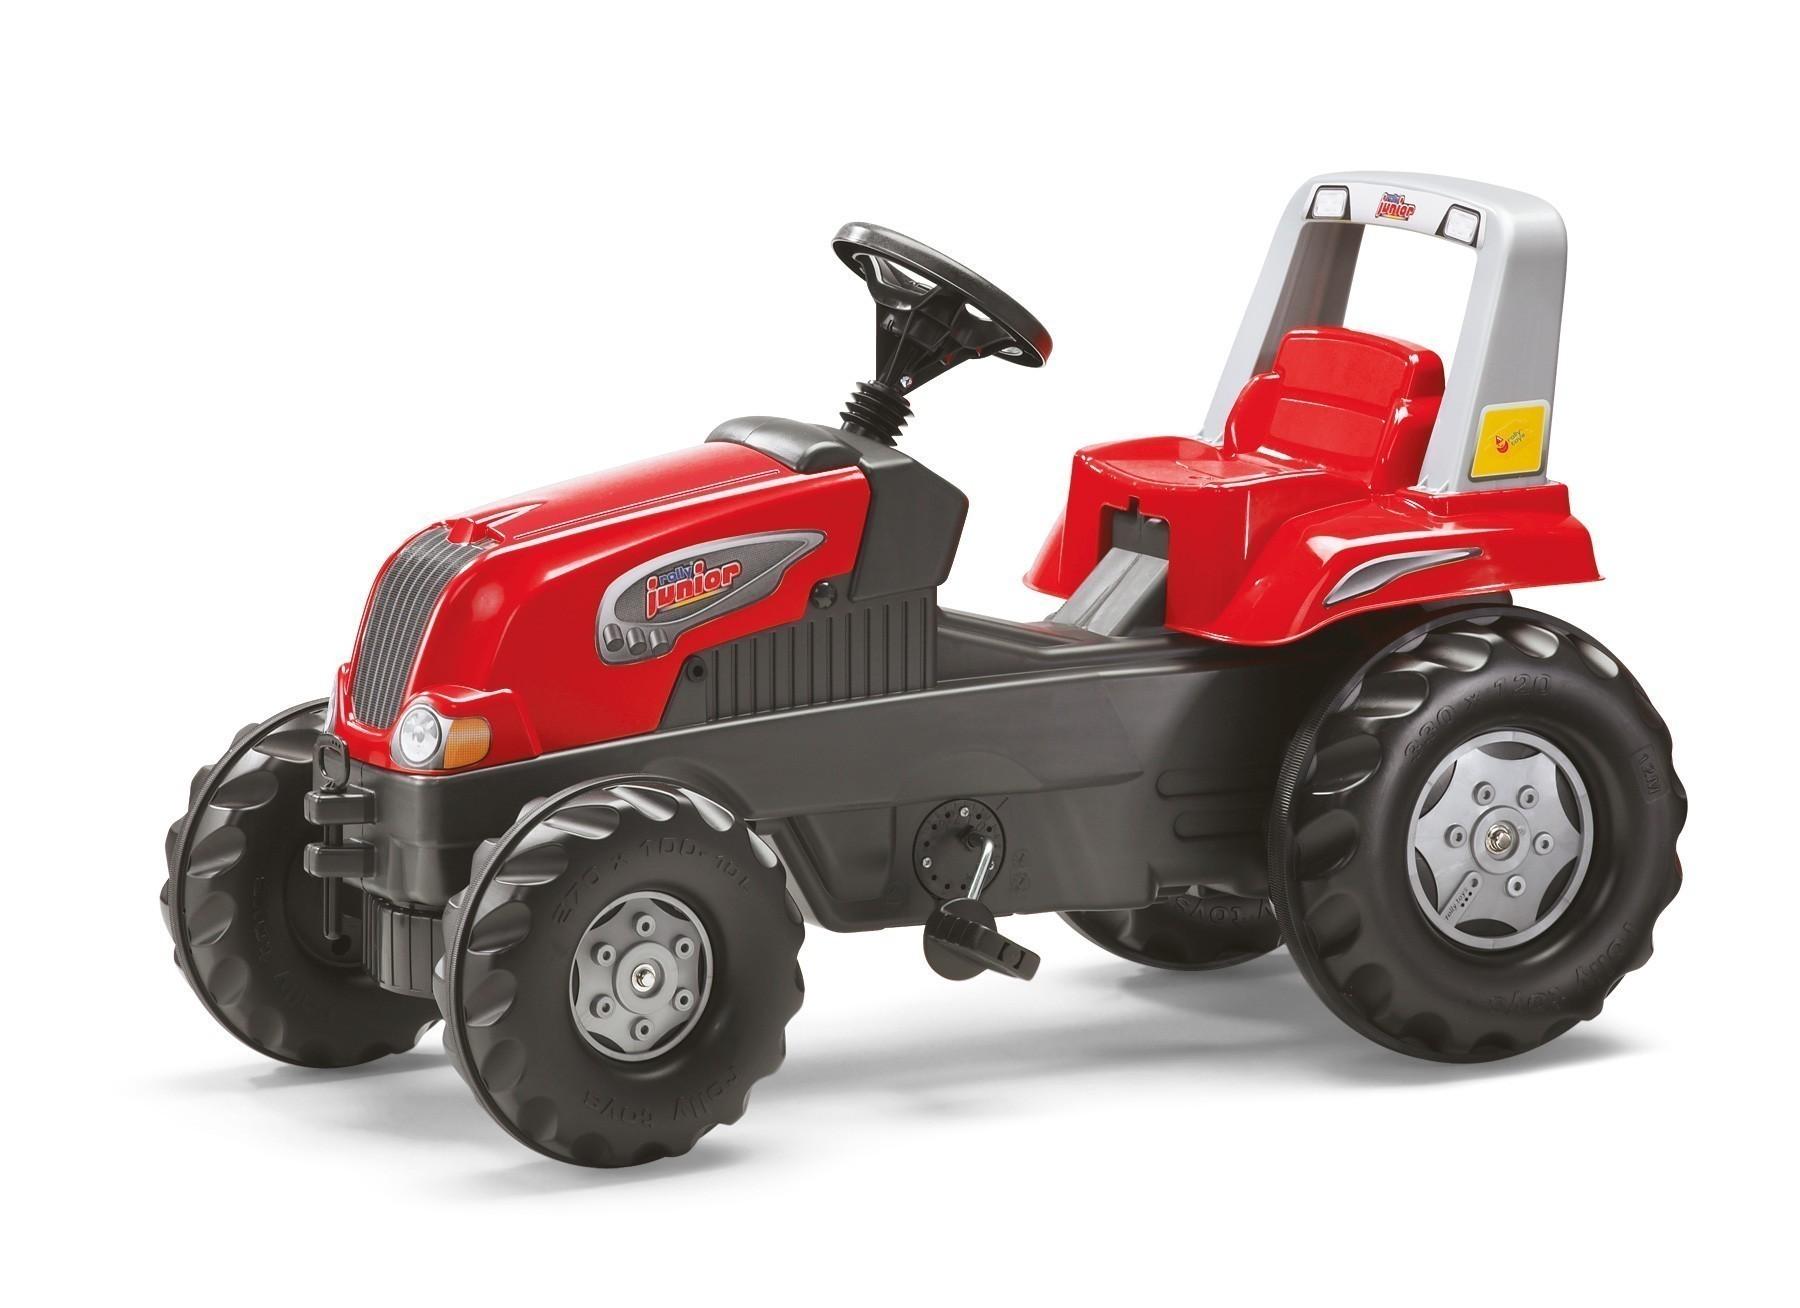 Trettraktor rolly Junior RT - Rolly Toys Bild 1